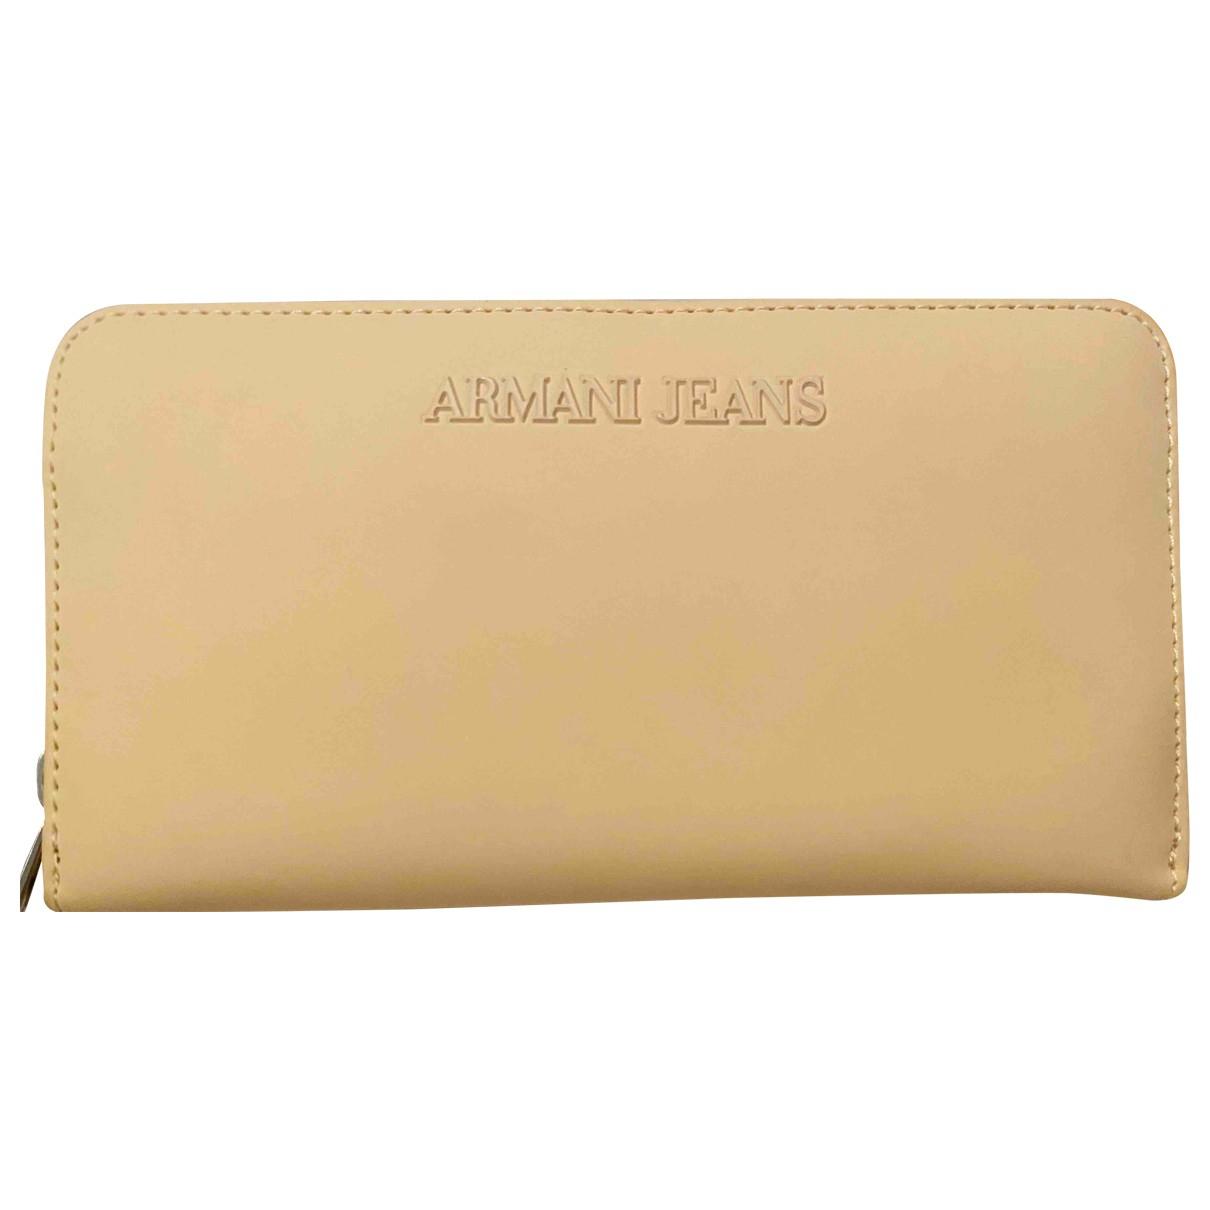 Armani Jeans \N Beige wallet for Women \N